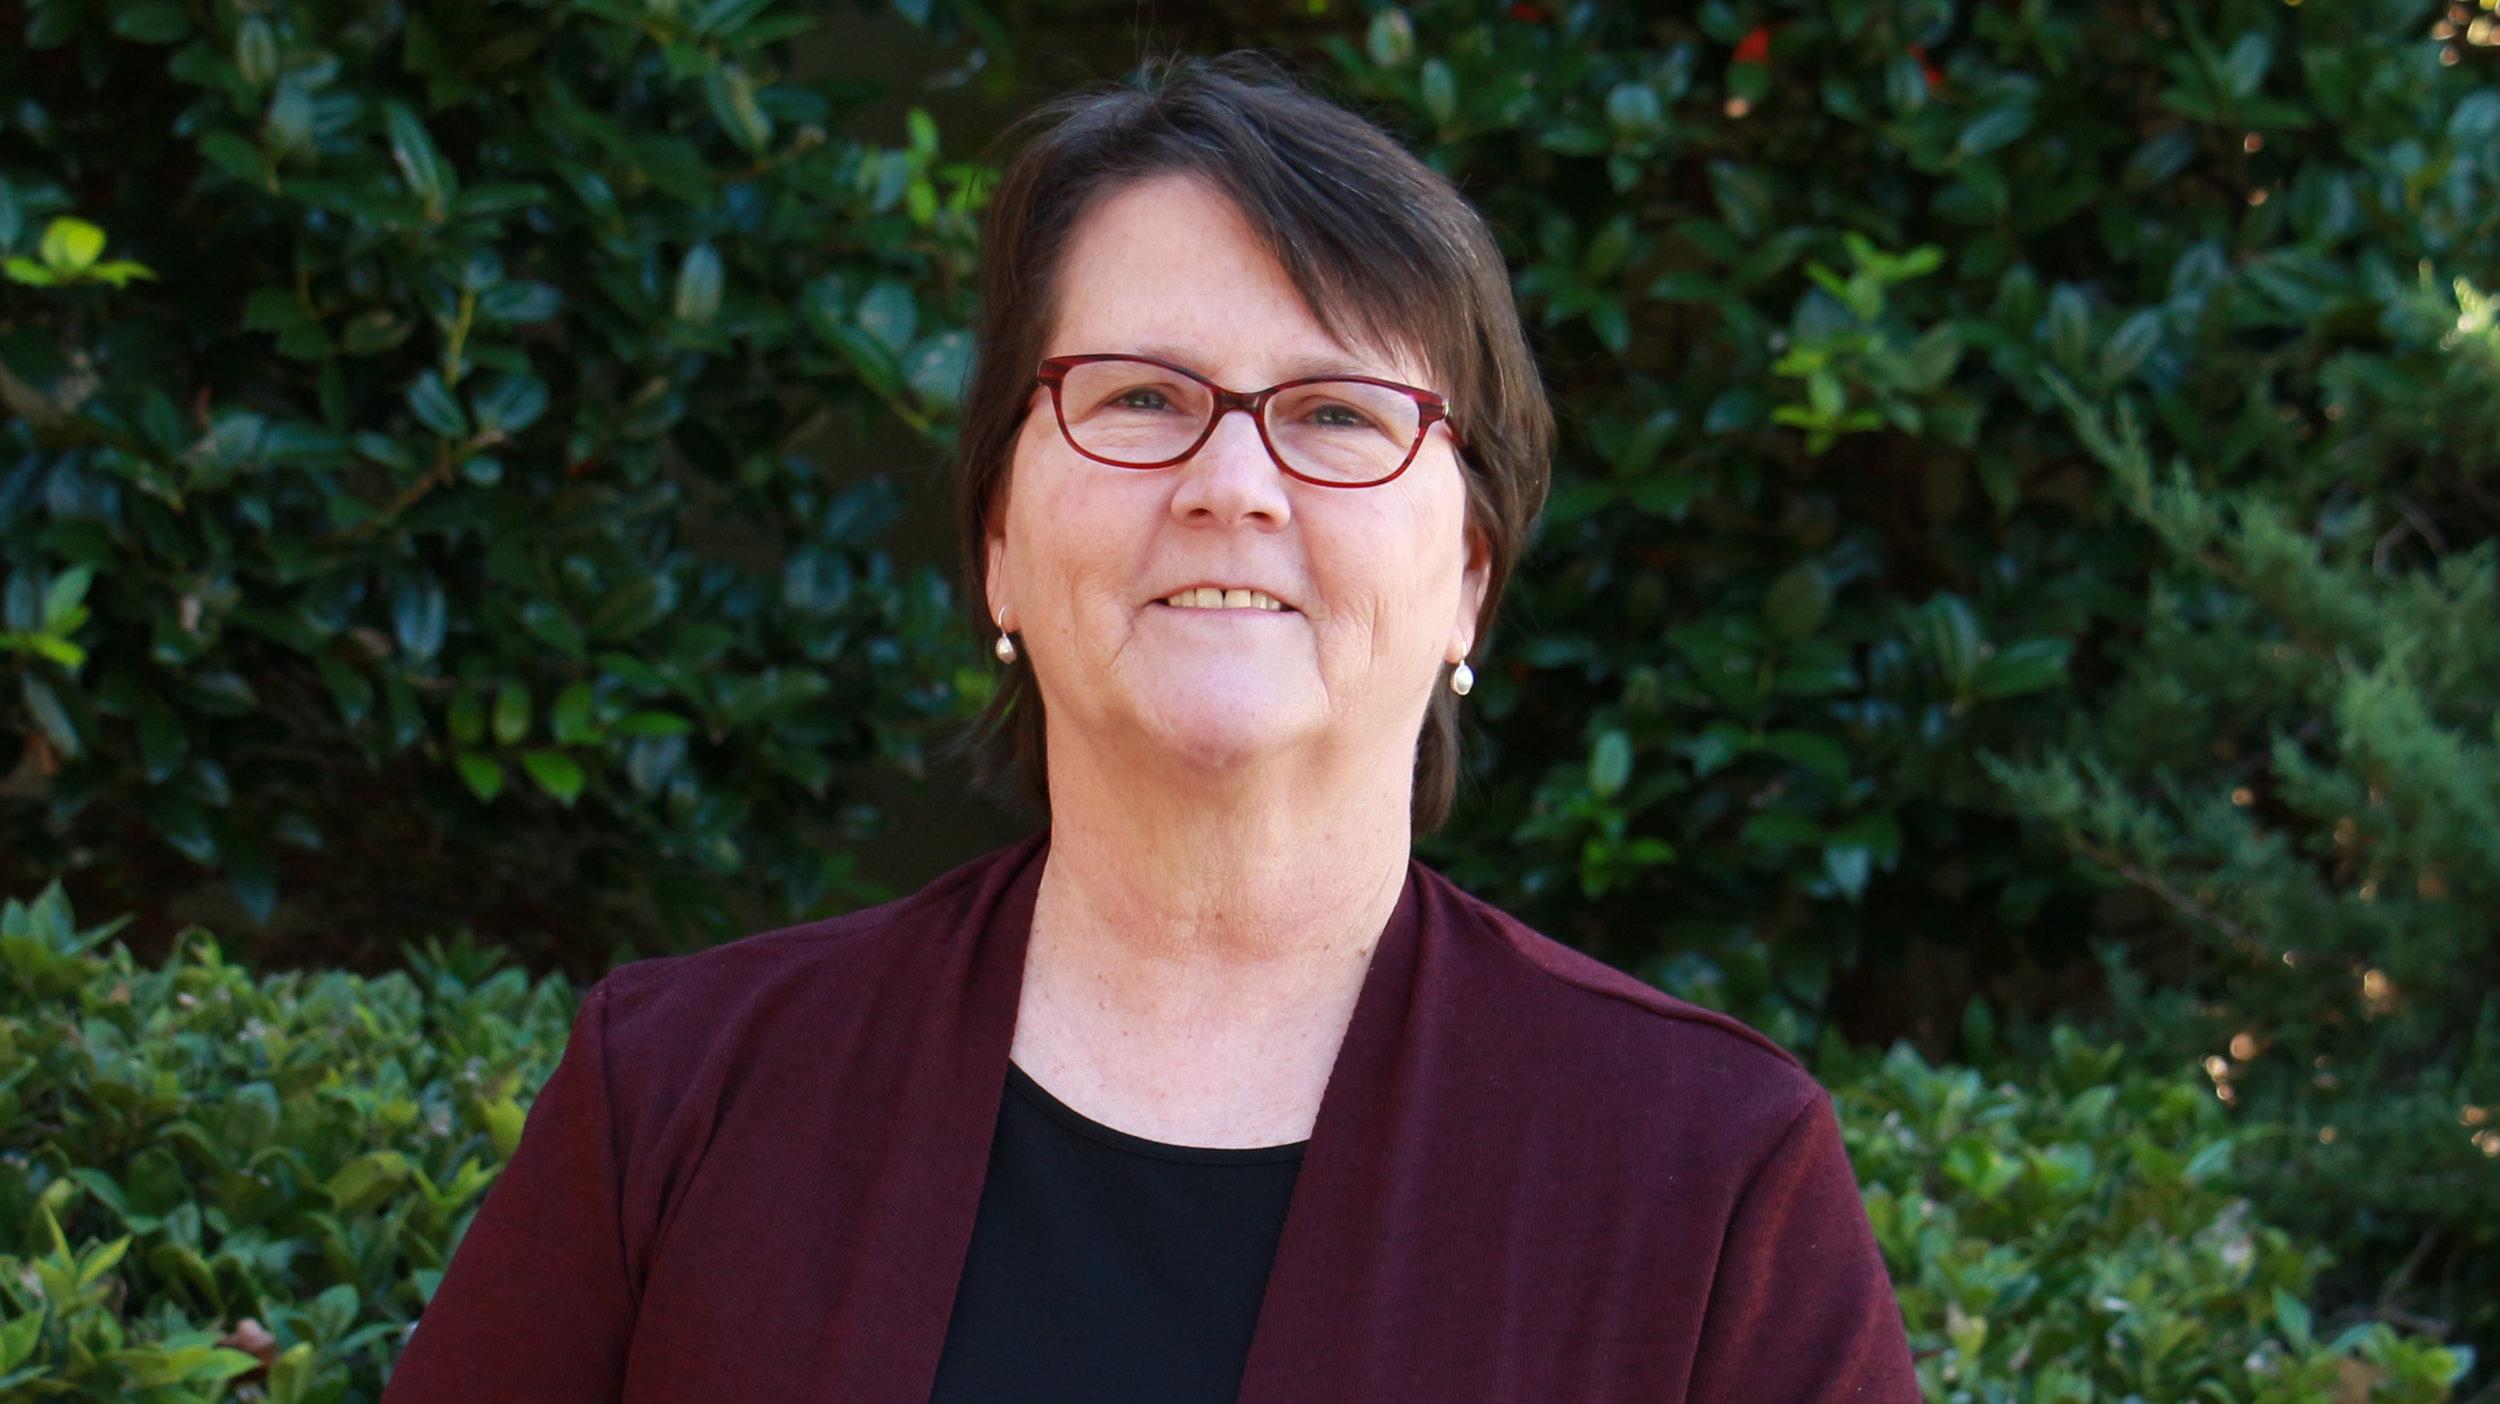 Kelly Parker, Admin. Asst. & Office Director